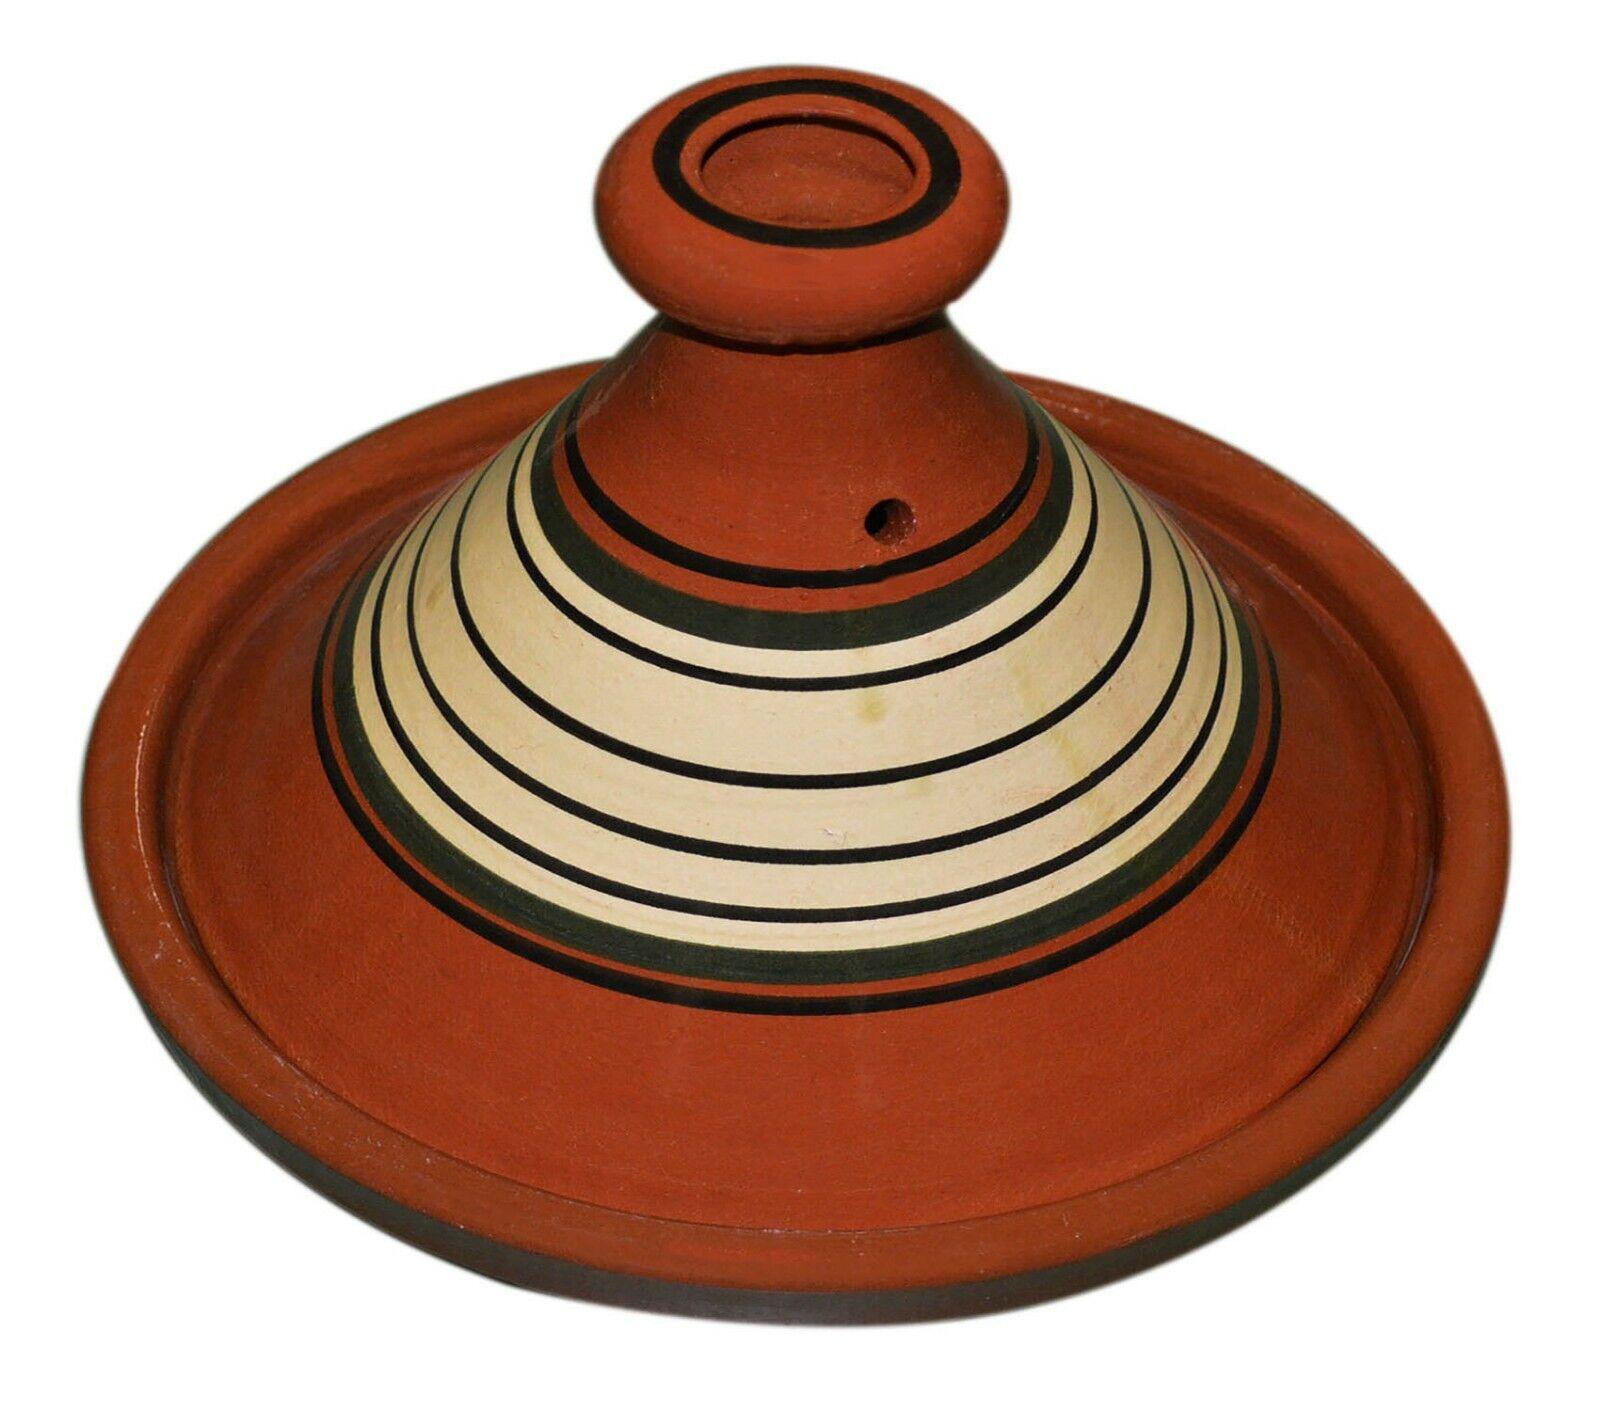 Marocain cuisson tagine pot Tajine sans plomb terre cuite vernissée Large 12